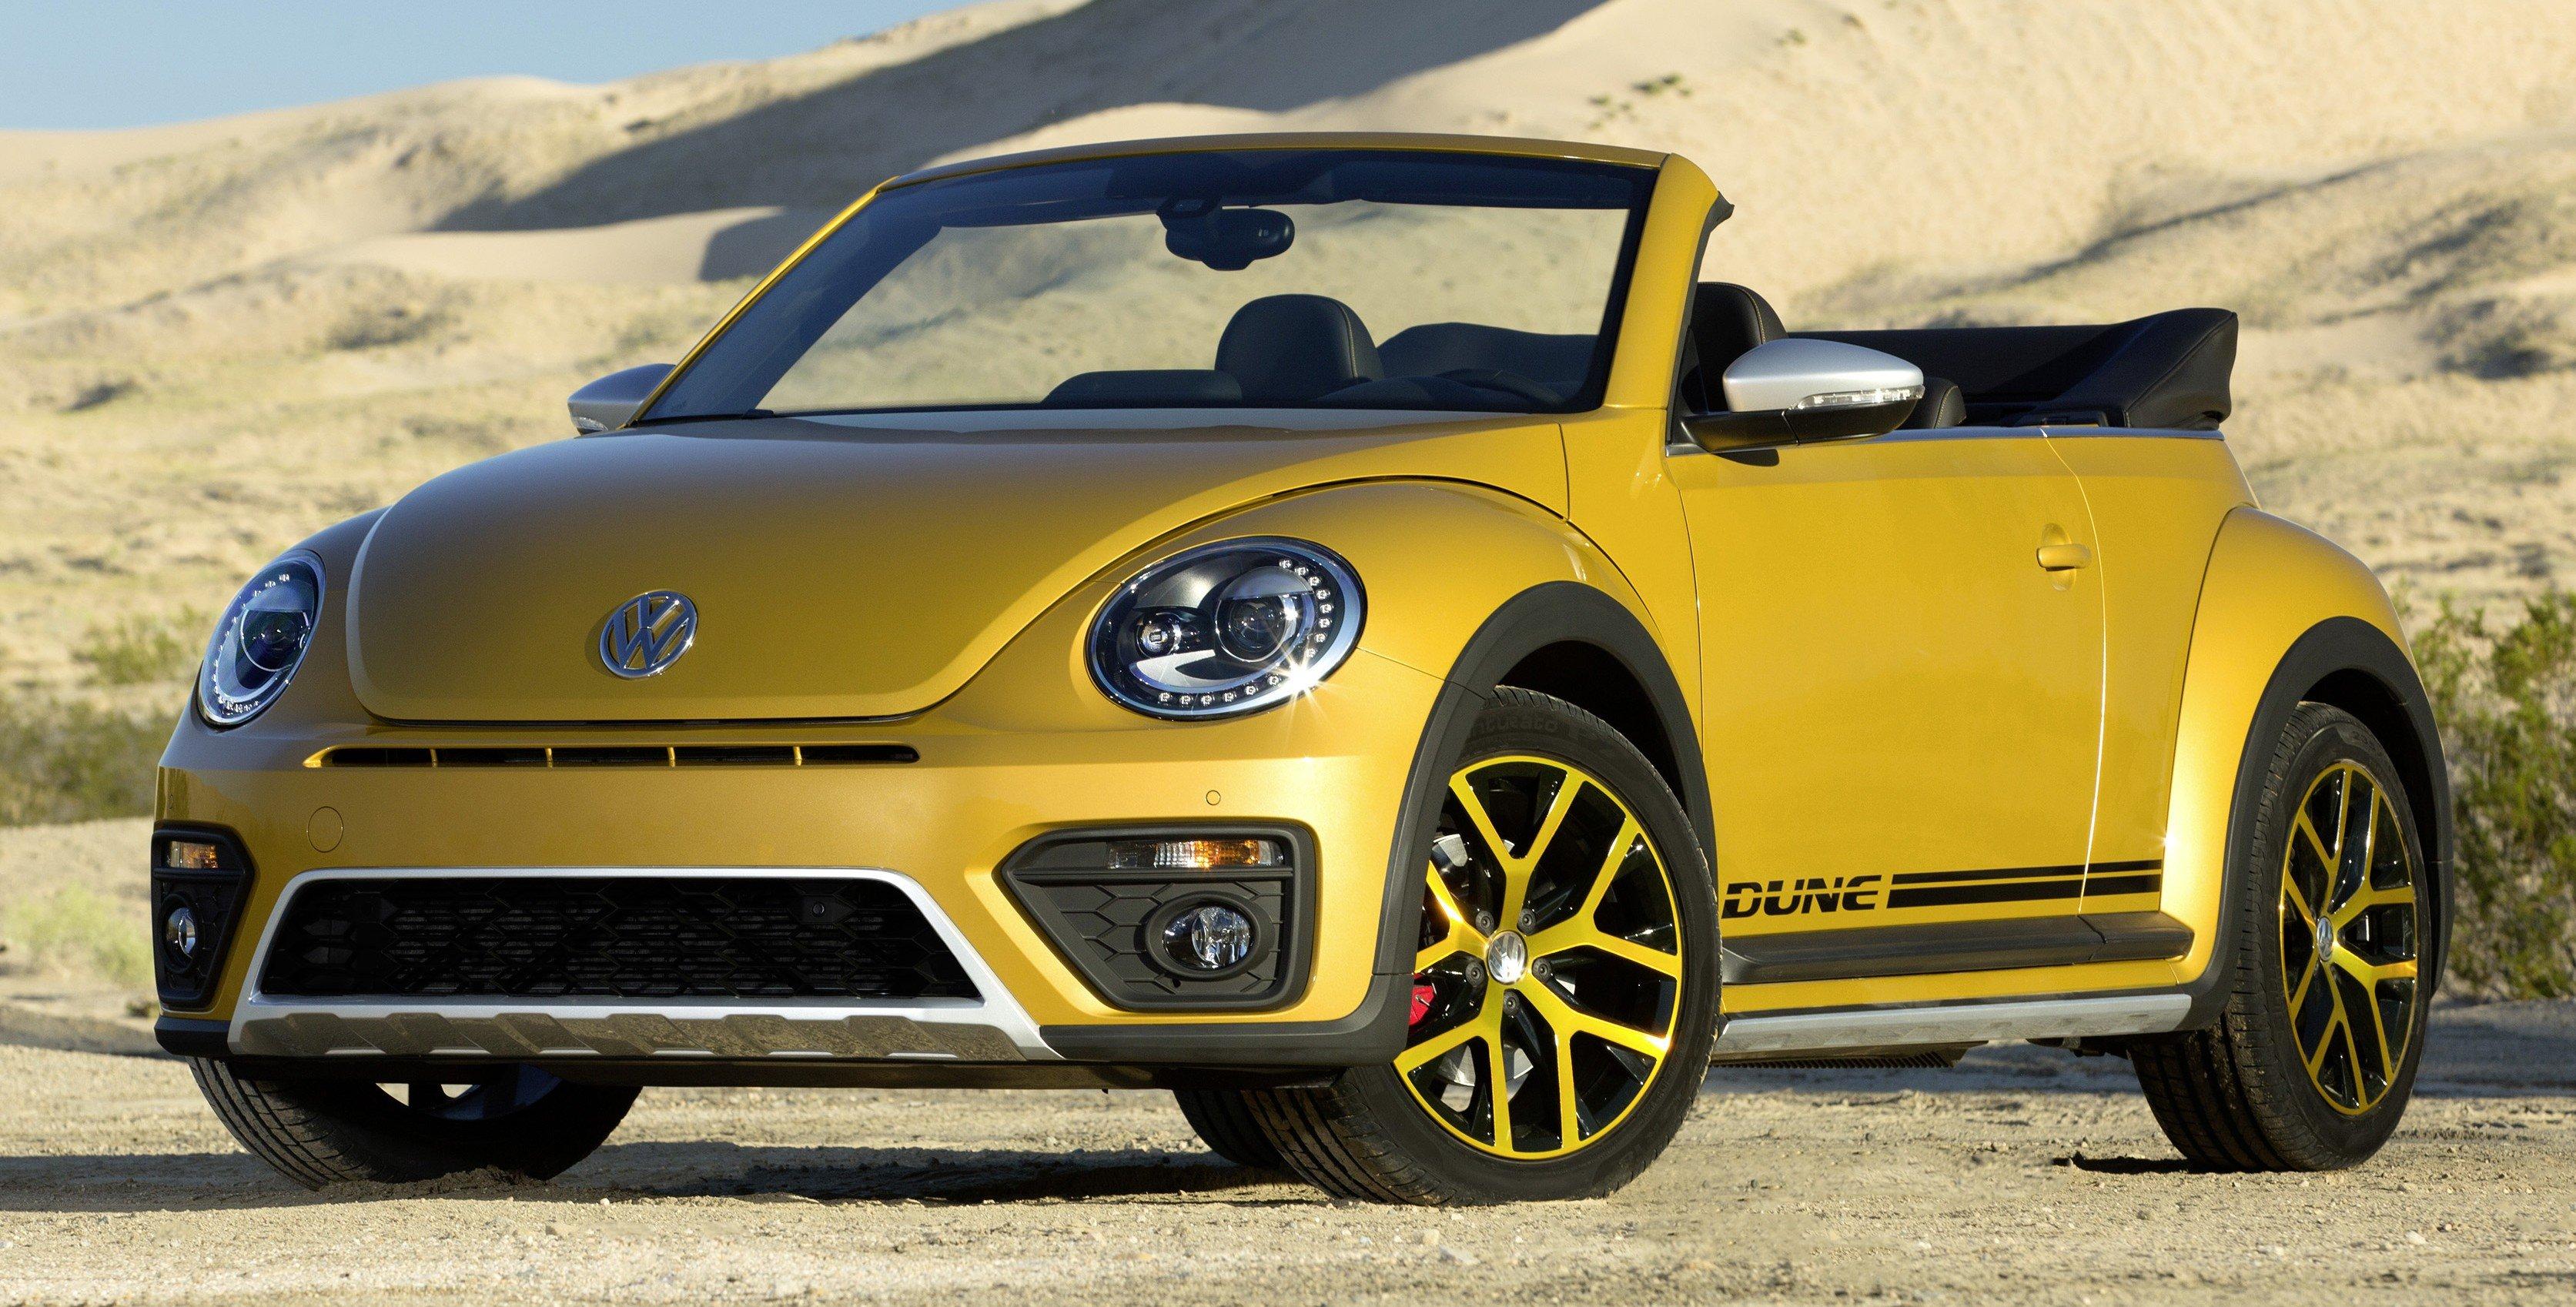 Volkswagen Beetle Dune revealed - Bug gets rugged